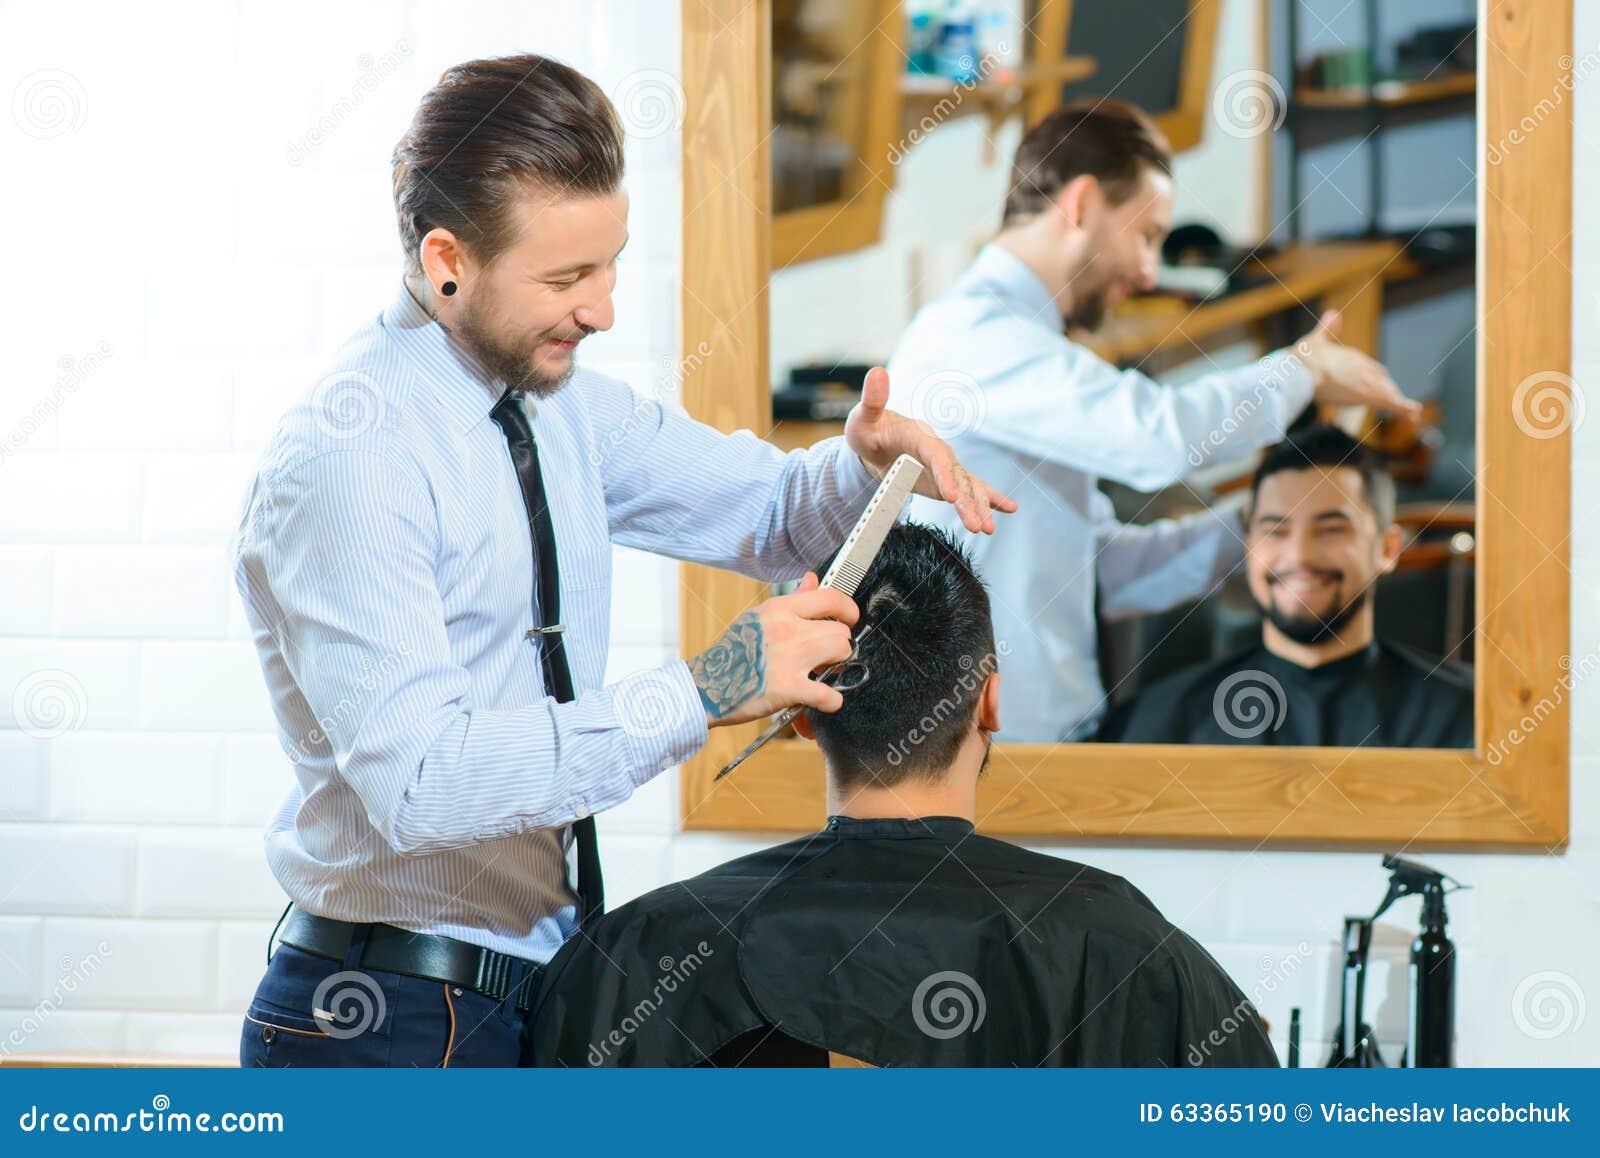 Barbiere professionista che fa taglio di capelli